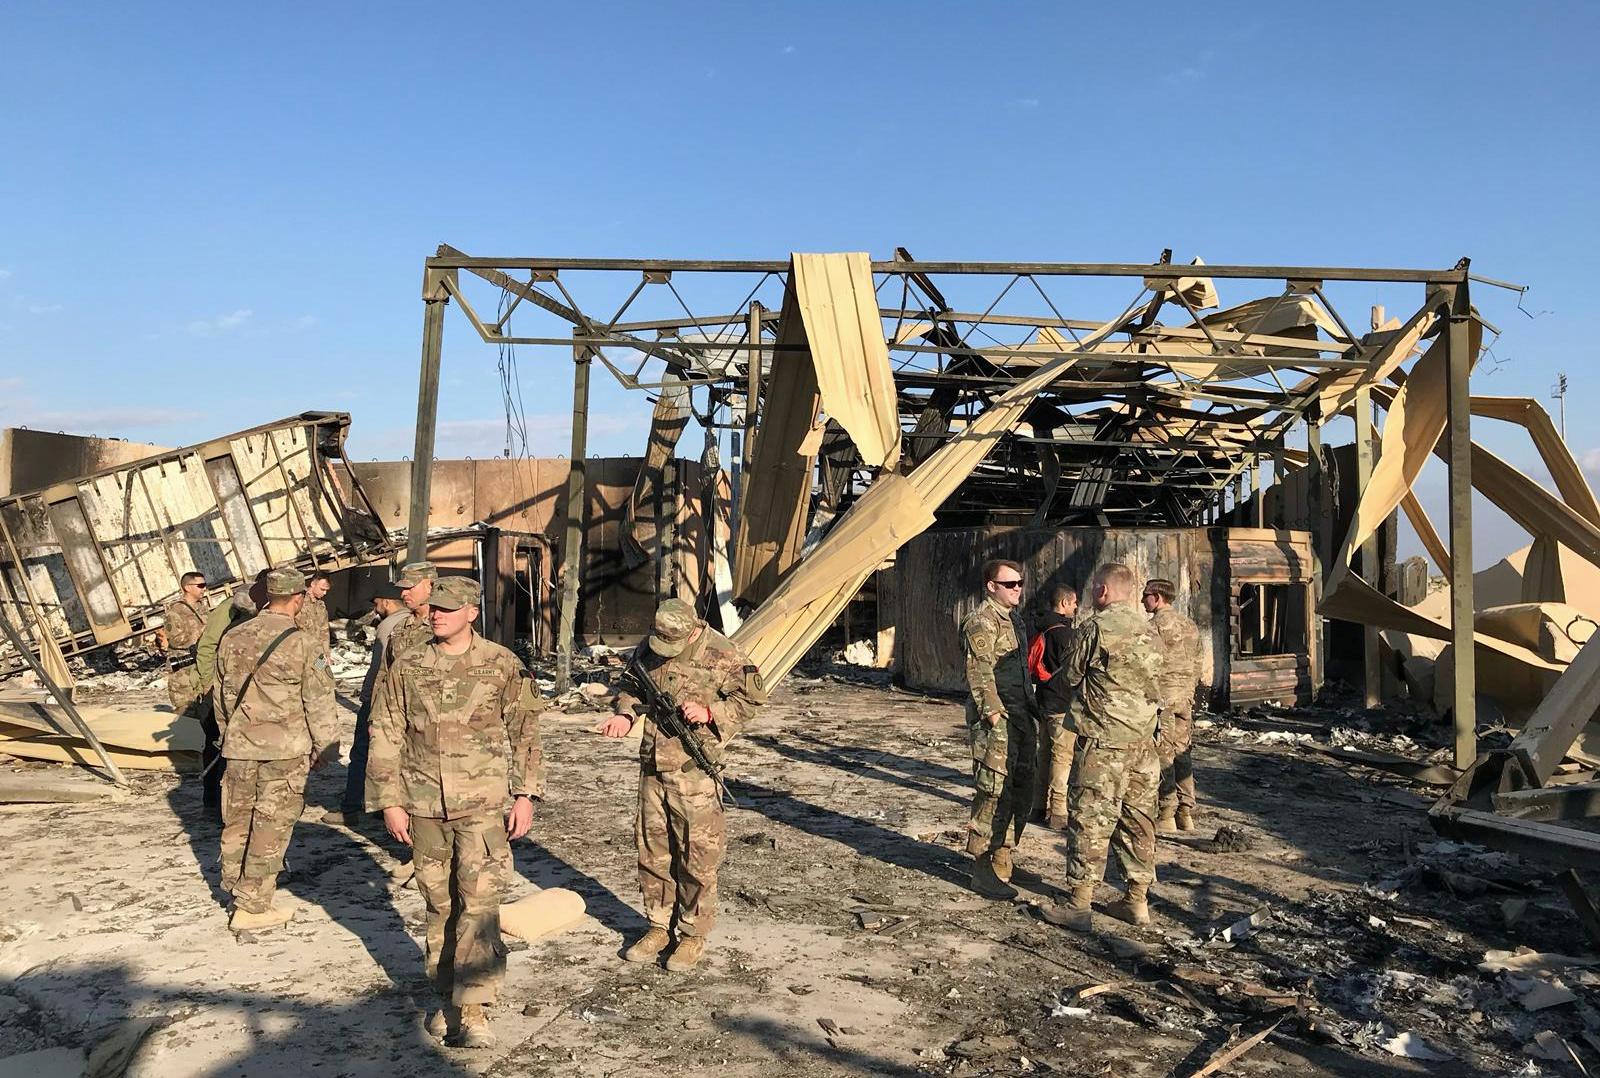 جنود أميركيون في قاعدة عين الأسد التي تعرضت لقص إيراني